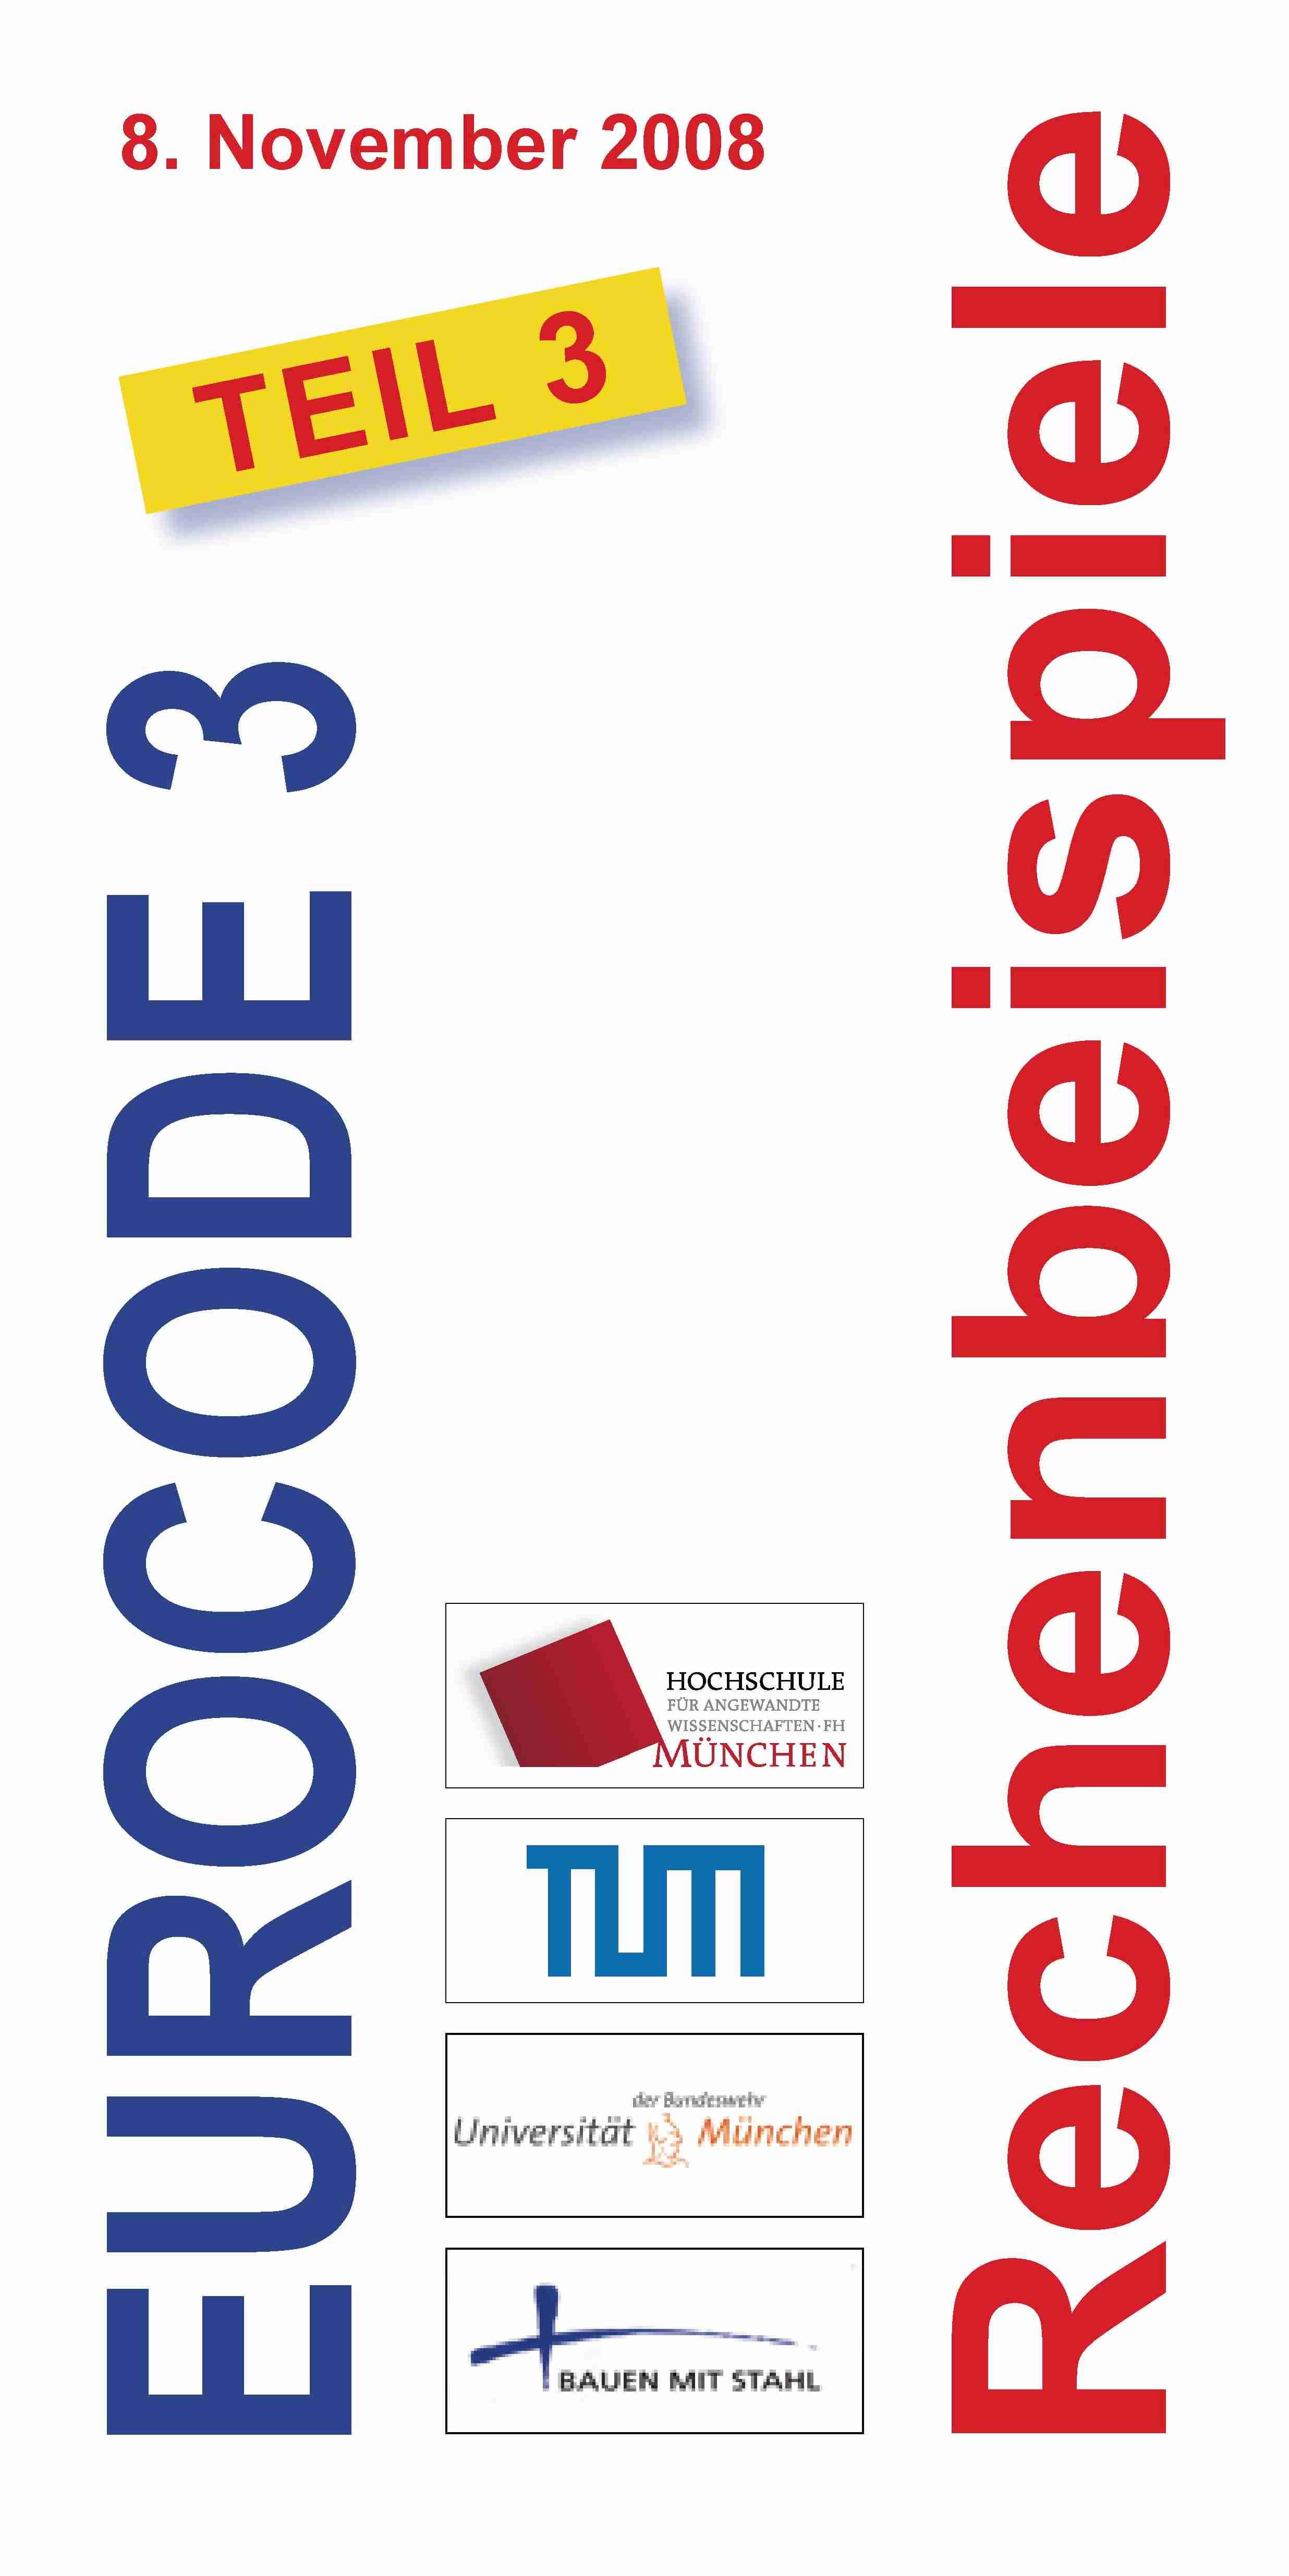 EUROCODE 3 Seminar Rechenbeispiele Teil 3 - Münchener Stahlbautage -